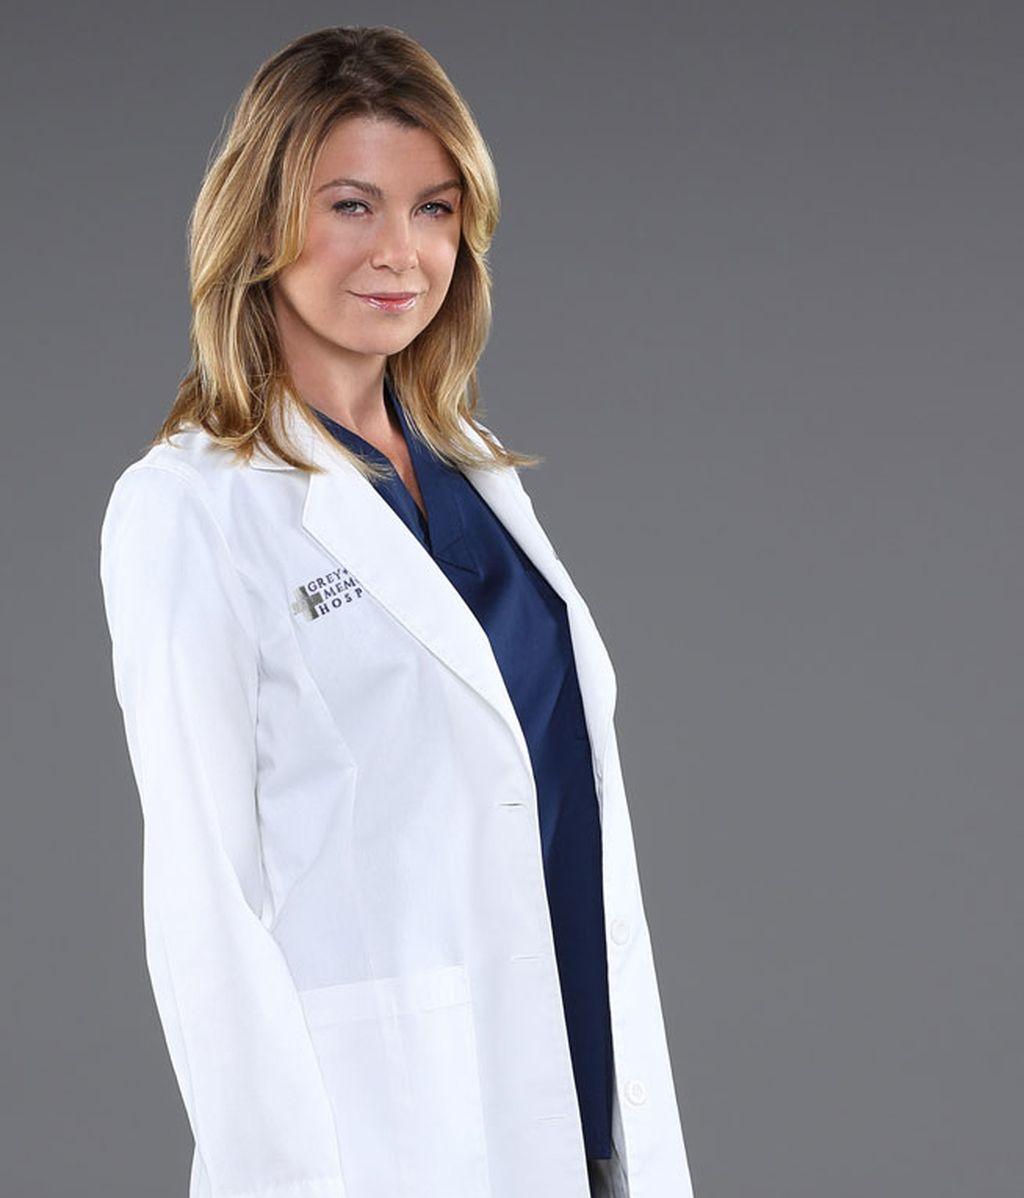 Ellen Pompeo interpreta a Meredith Grey, cirujana y protagonista de la serie